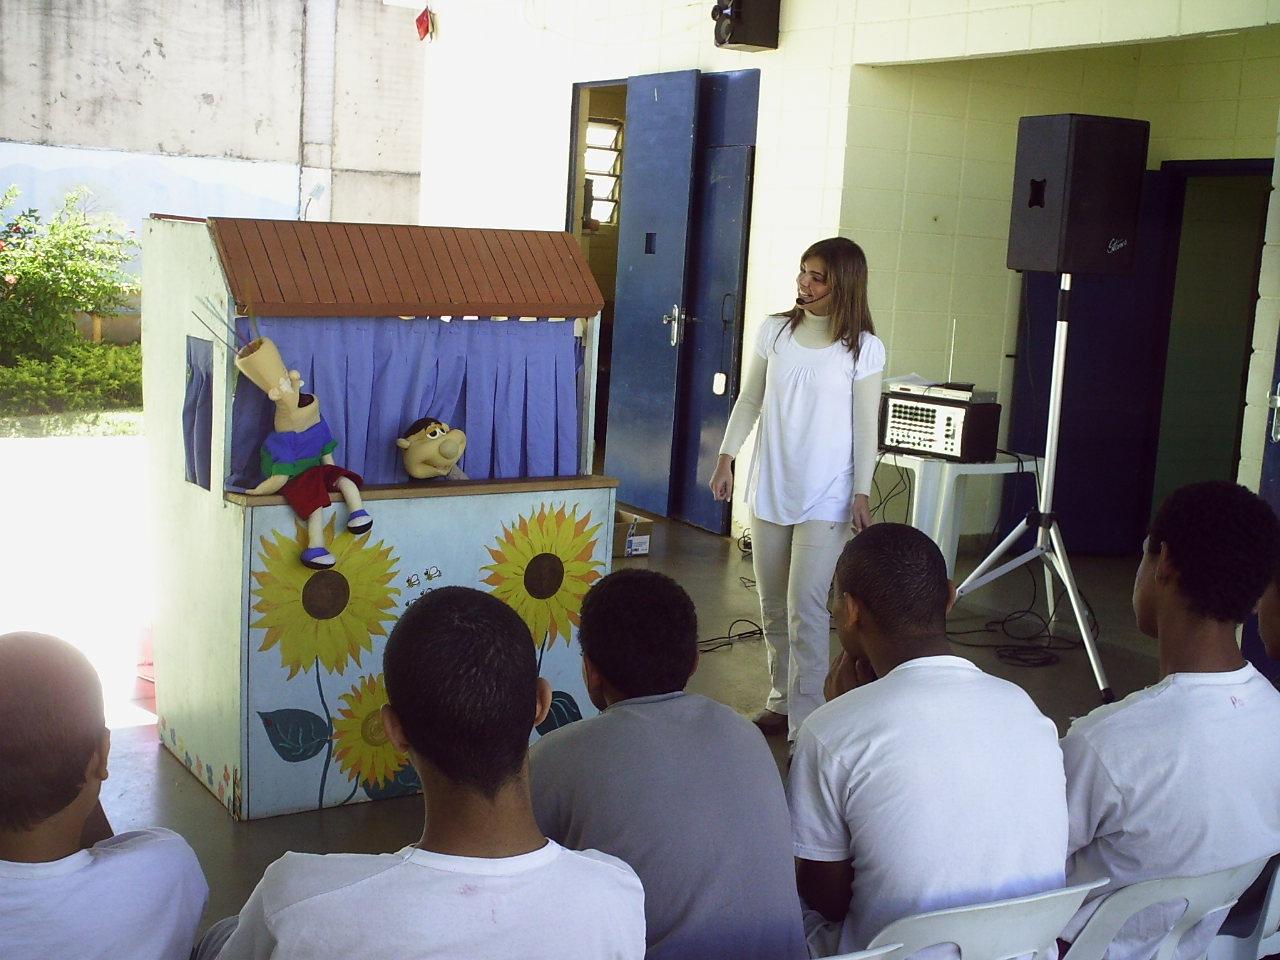 Alguns projetos sociais ajudam os jovens na Fundação CASA SP (Foto: Divulgação)